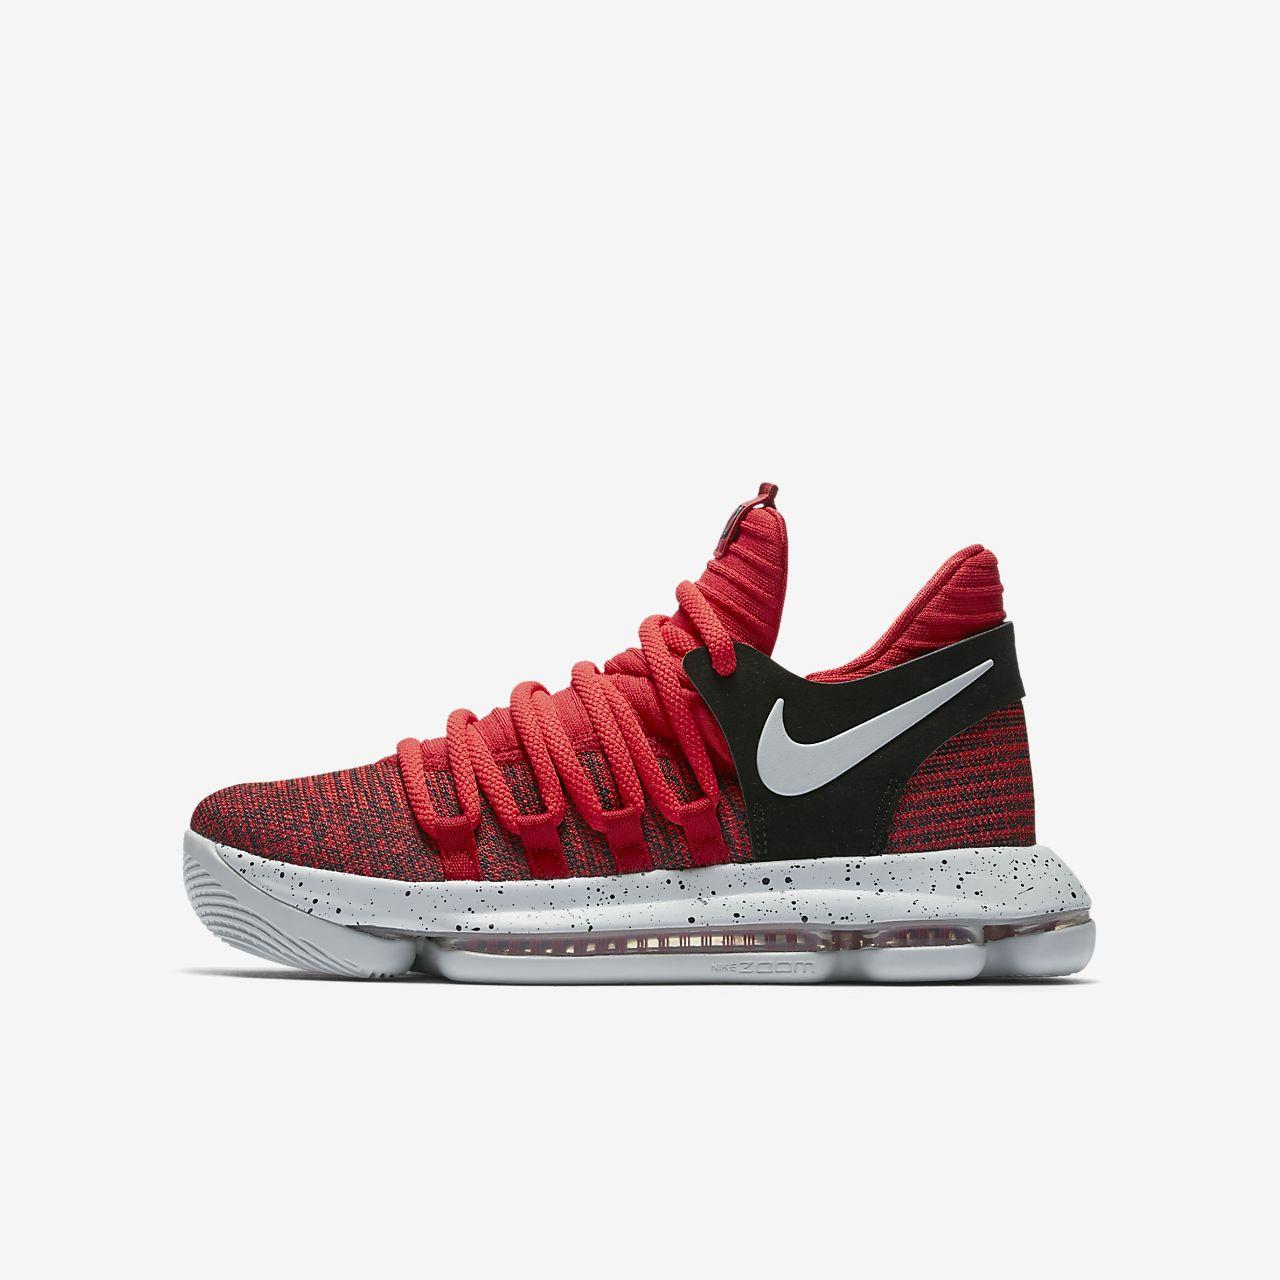 Gé Enfant Lebron Pour F7tyxzywq 15 Chaussure De Basketball Plus q5Ufwx0